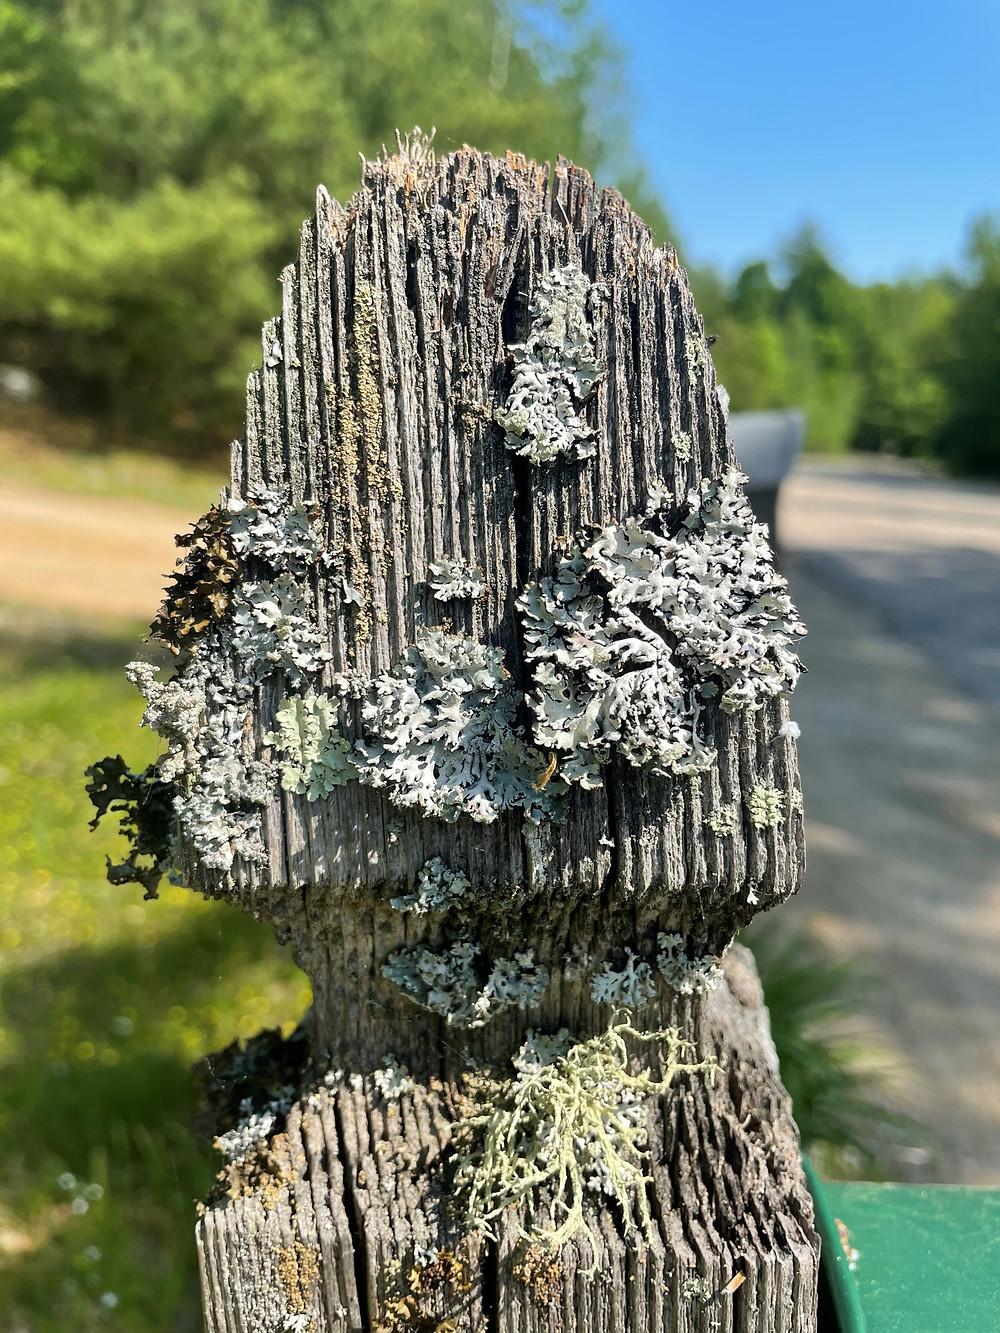 Lichen on a mailbox post.